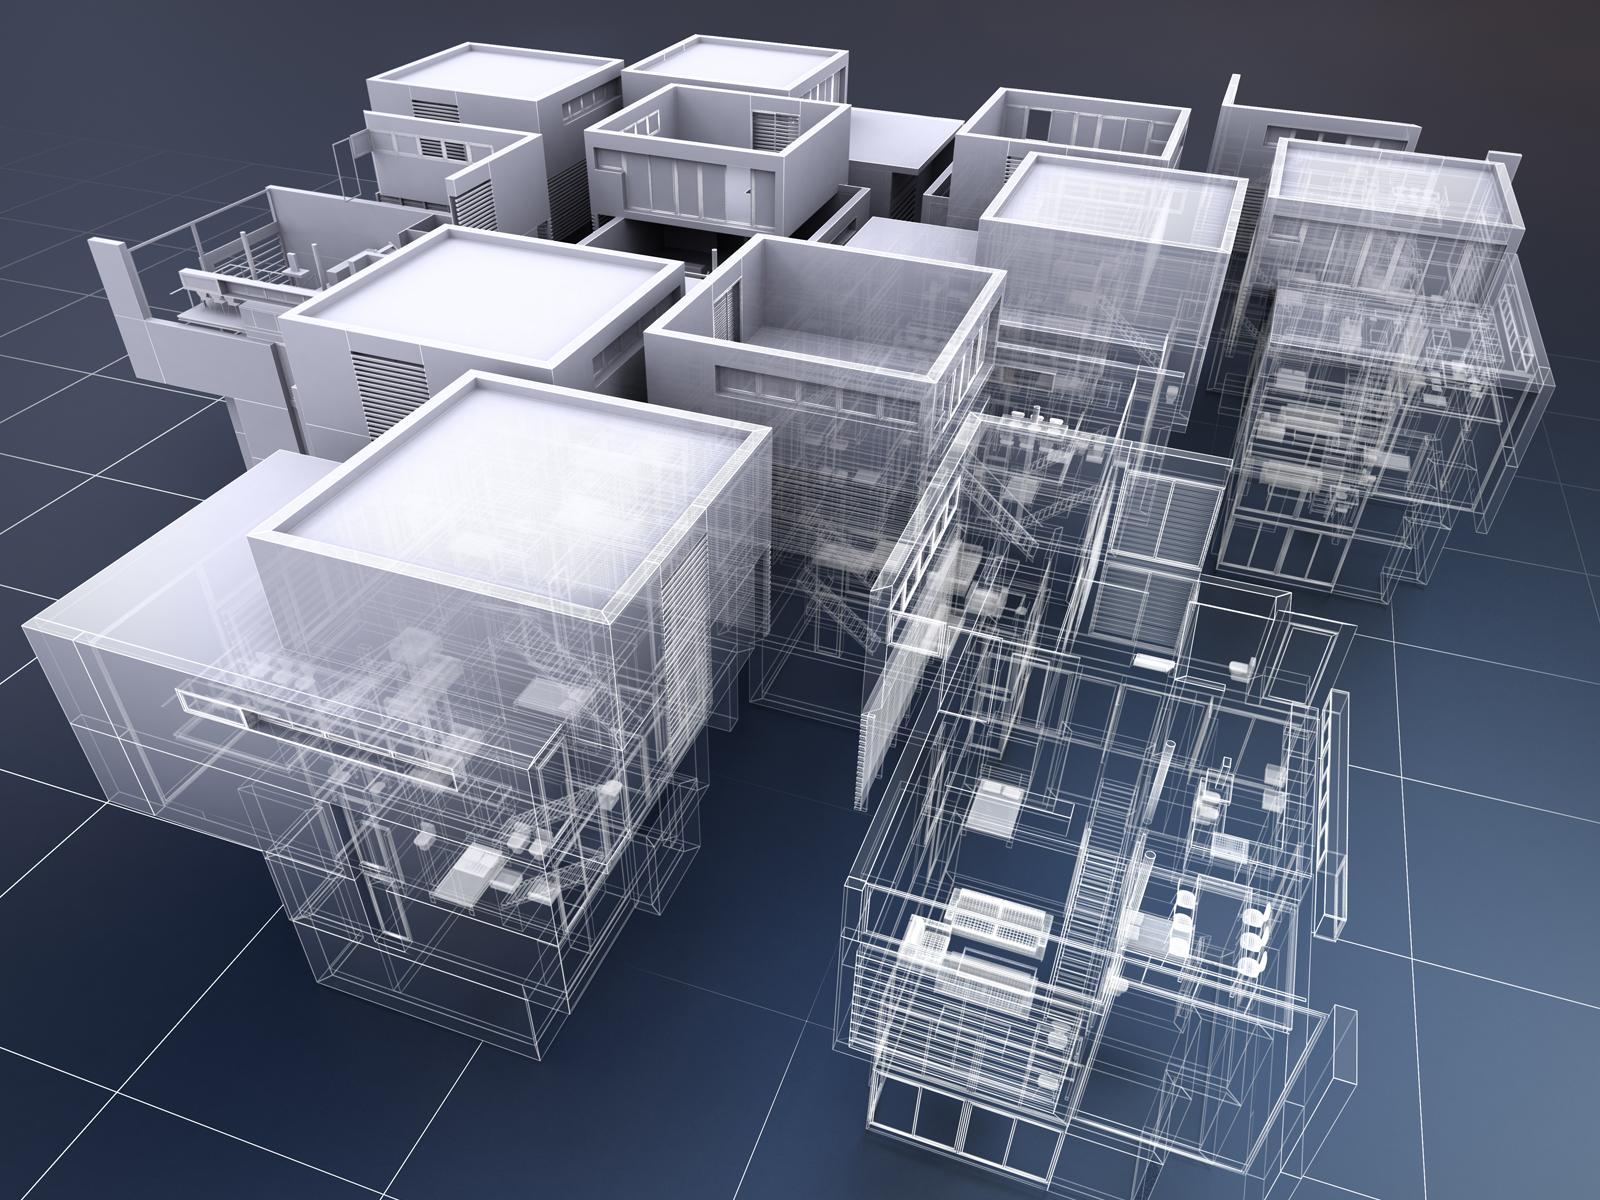 Enseñanza de Building Information Modeling (BIM) en la carrera de Arquitectura de la Universidad ORT Uruguay